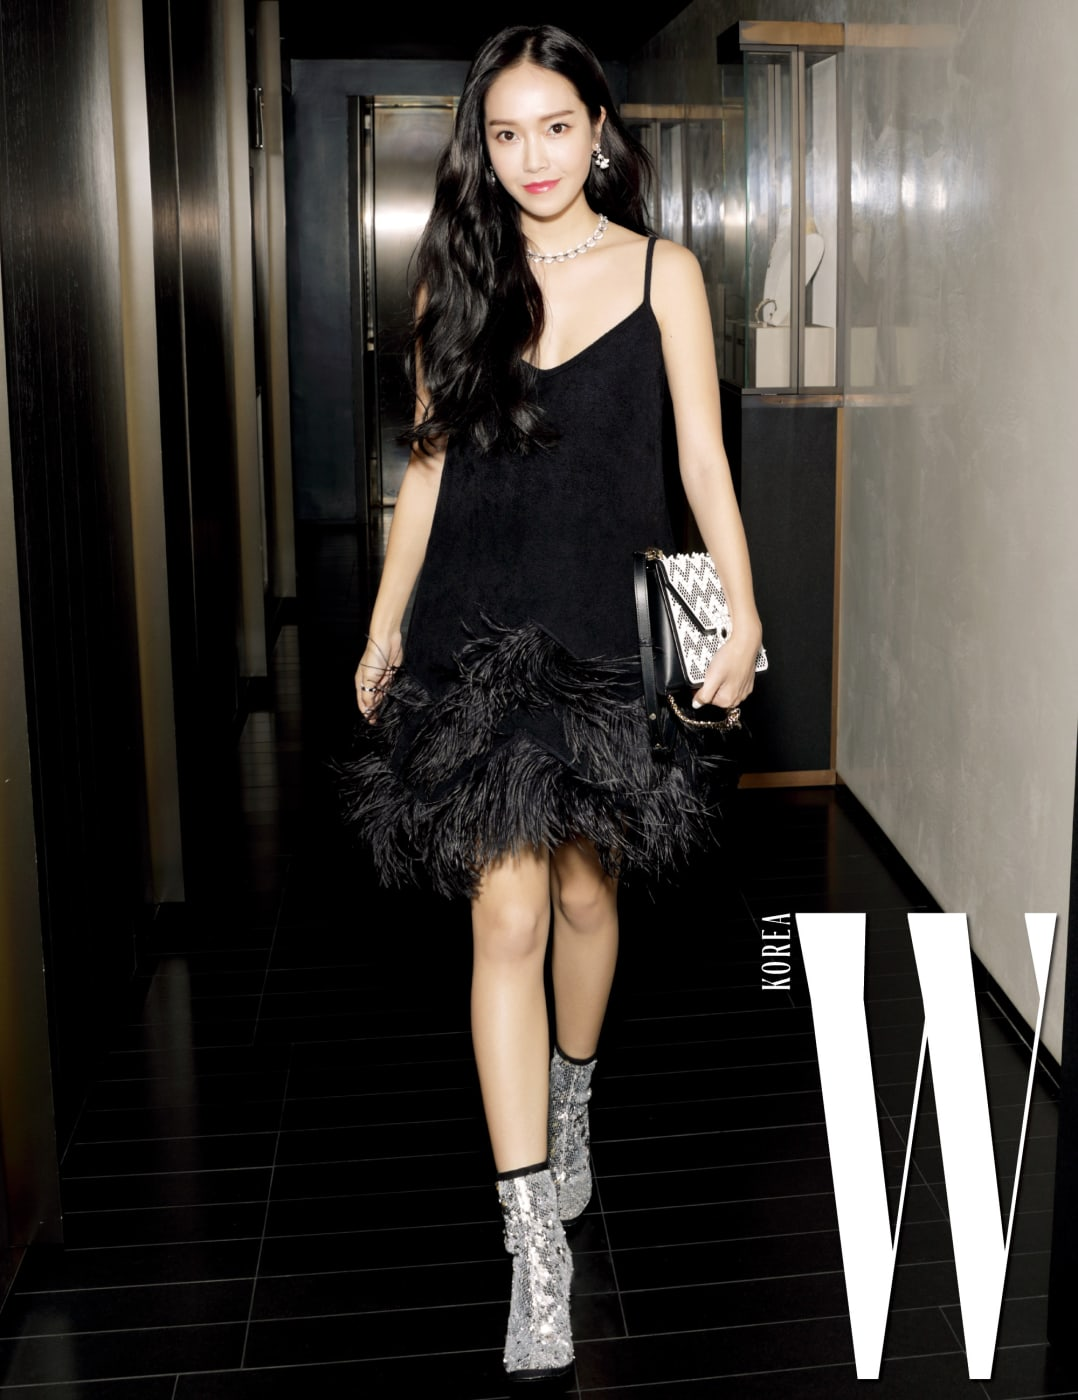 검은색 깃털 장식 드레스에 메탈릭한 부츠를 매치한 제시카가 파티장에 당도했다.